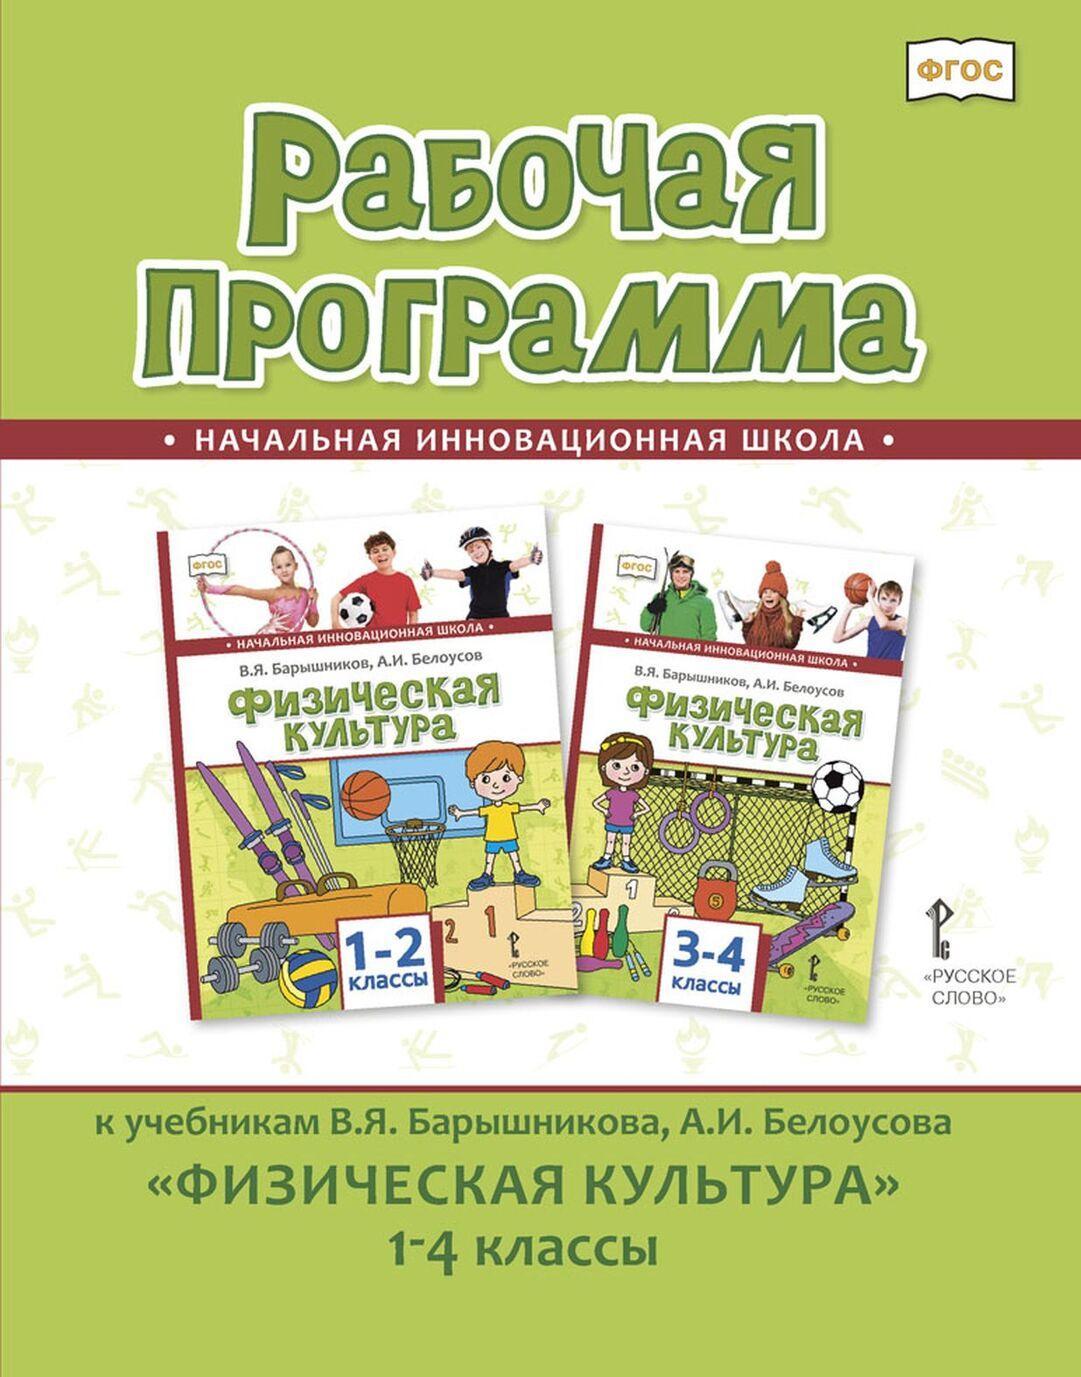 Fizicheskaja kultura. 1-4 klassy. Rabochaja programma. K uchebnikam V. Ja. Baryshnikova, A. I. Belousova